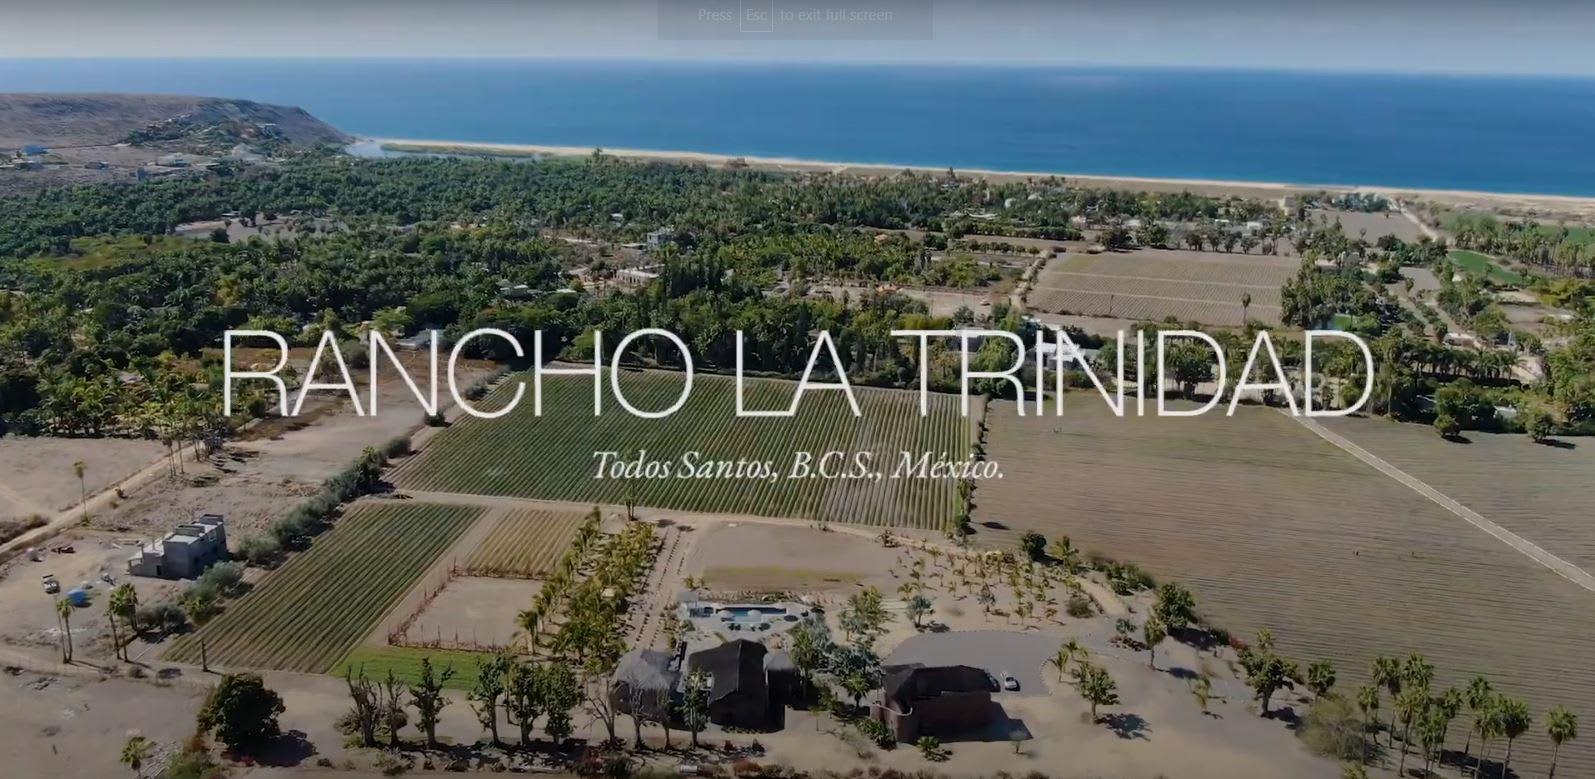 Rancho La Trinidad - Todos Santos BCS, Mexico video preview